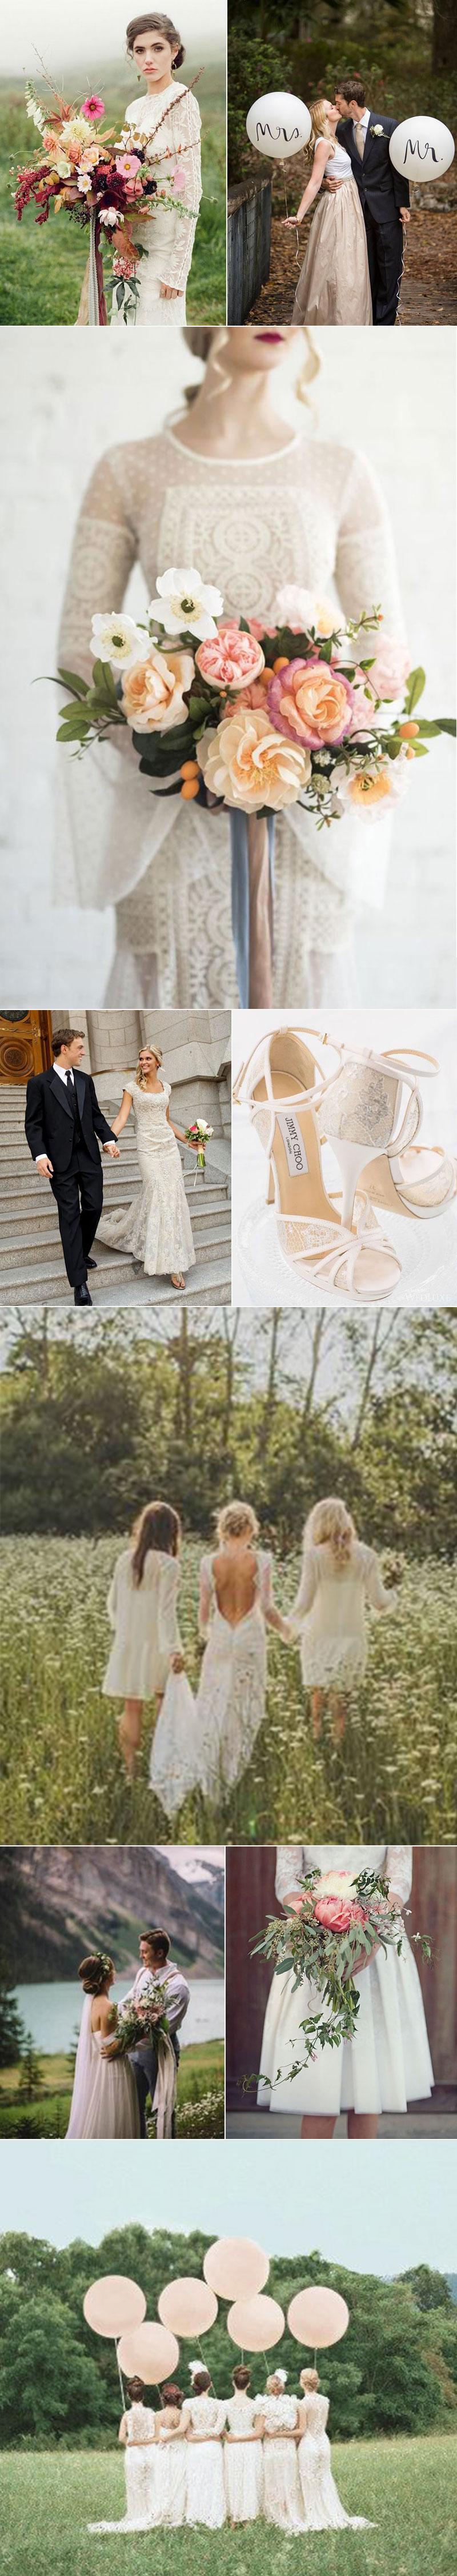 Summer Weddings in Vintage Whites